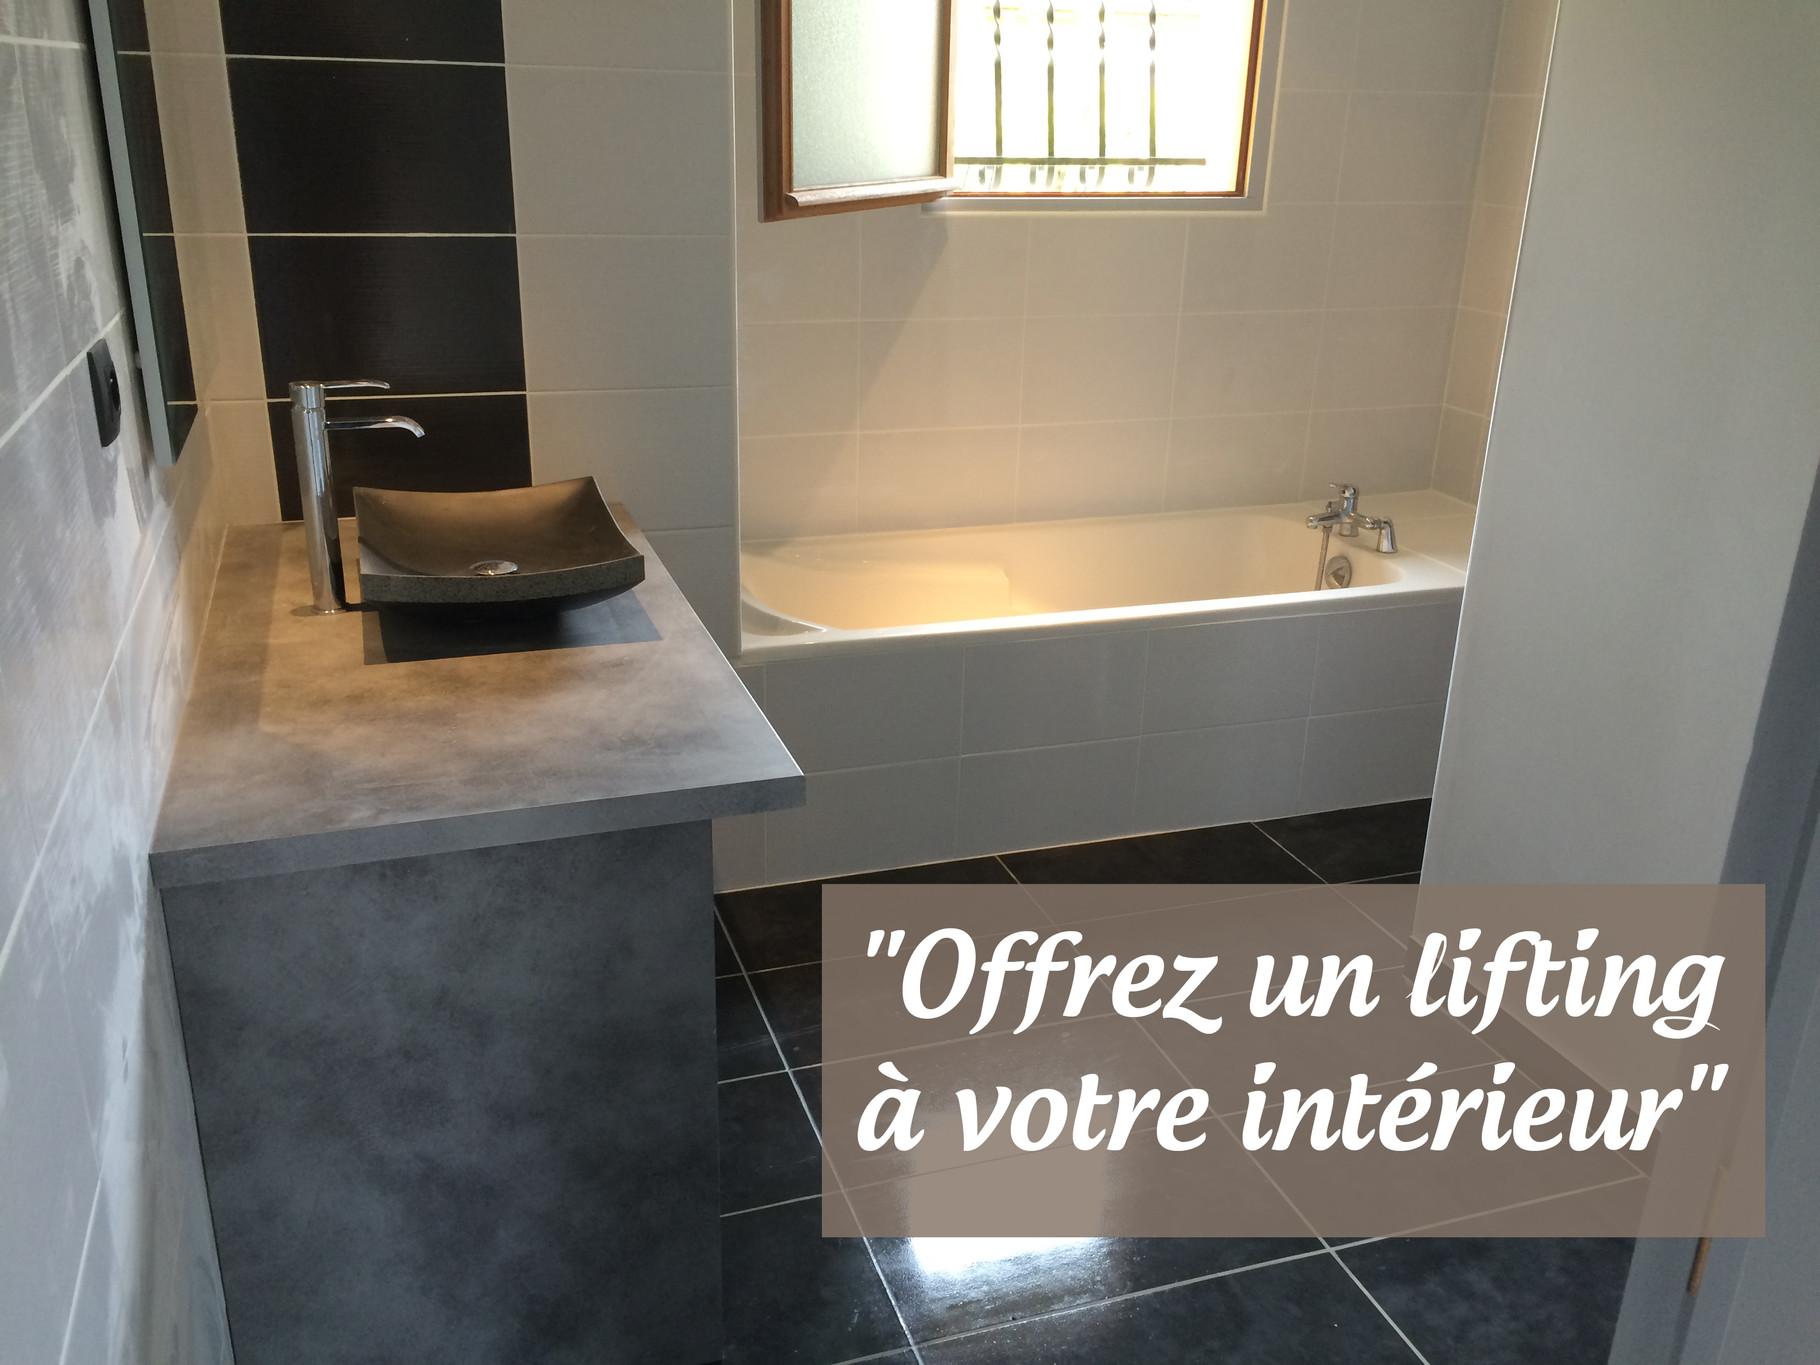 Accueil r novation de votre int rieur en drome ardeche for Jean philippe toussaint la salle de bain